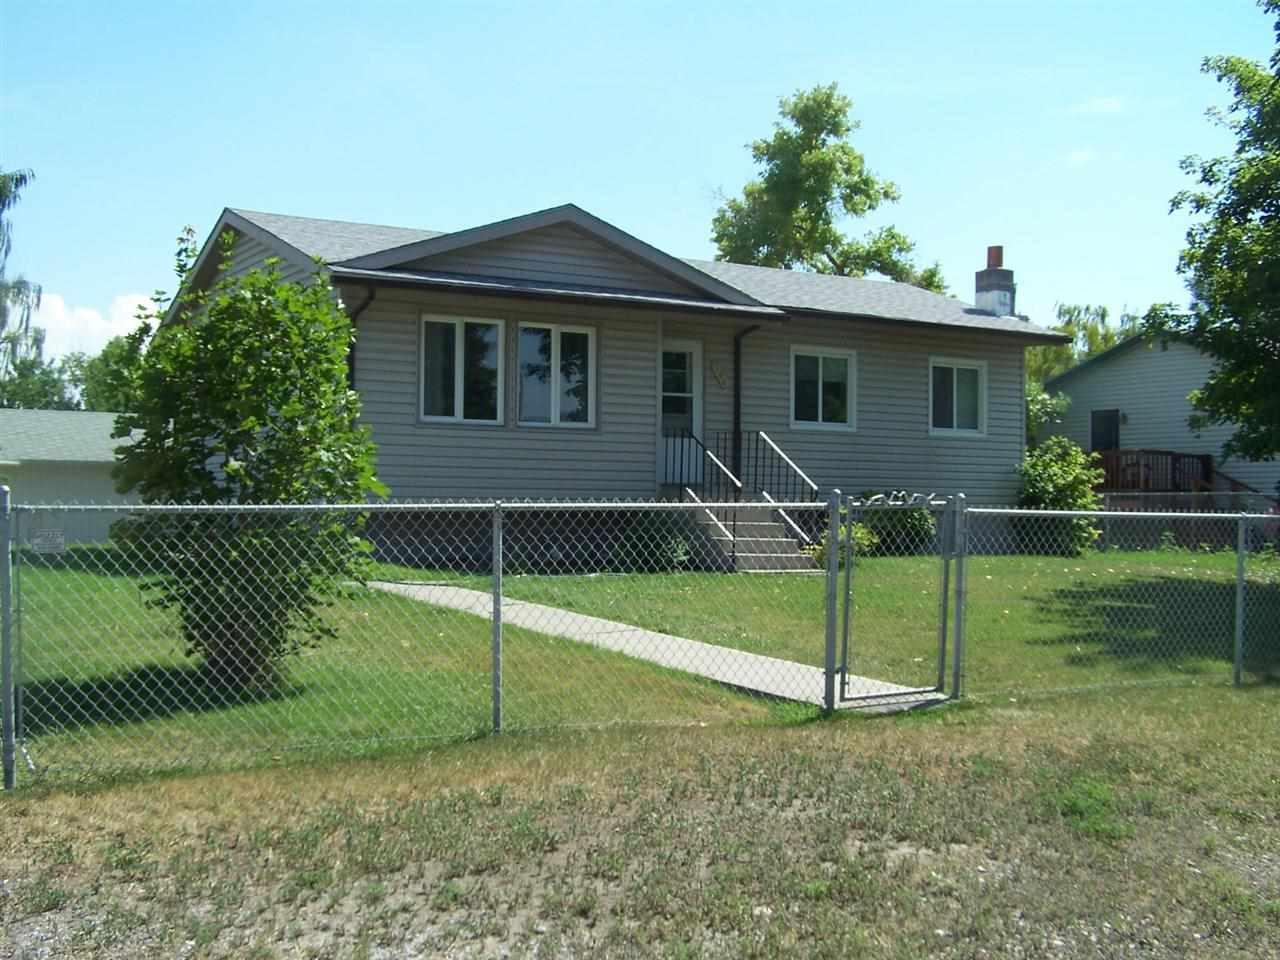 706 C St, Townsend, MT 59644